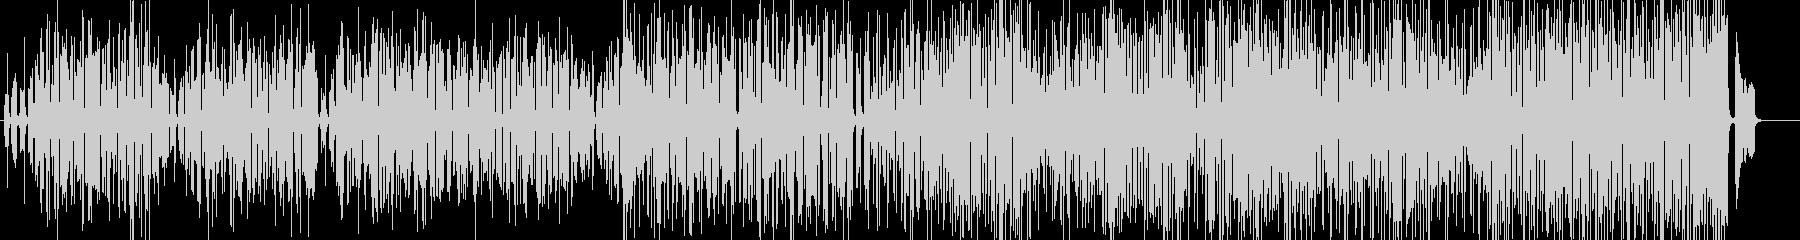 アコーディオン・ミュゼット-ピチカートの未再生の波形